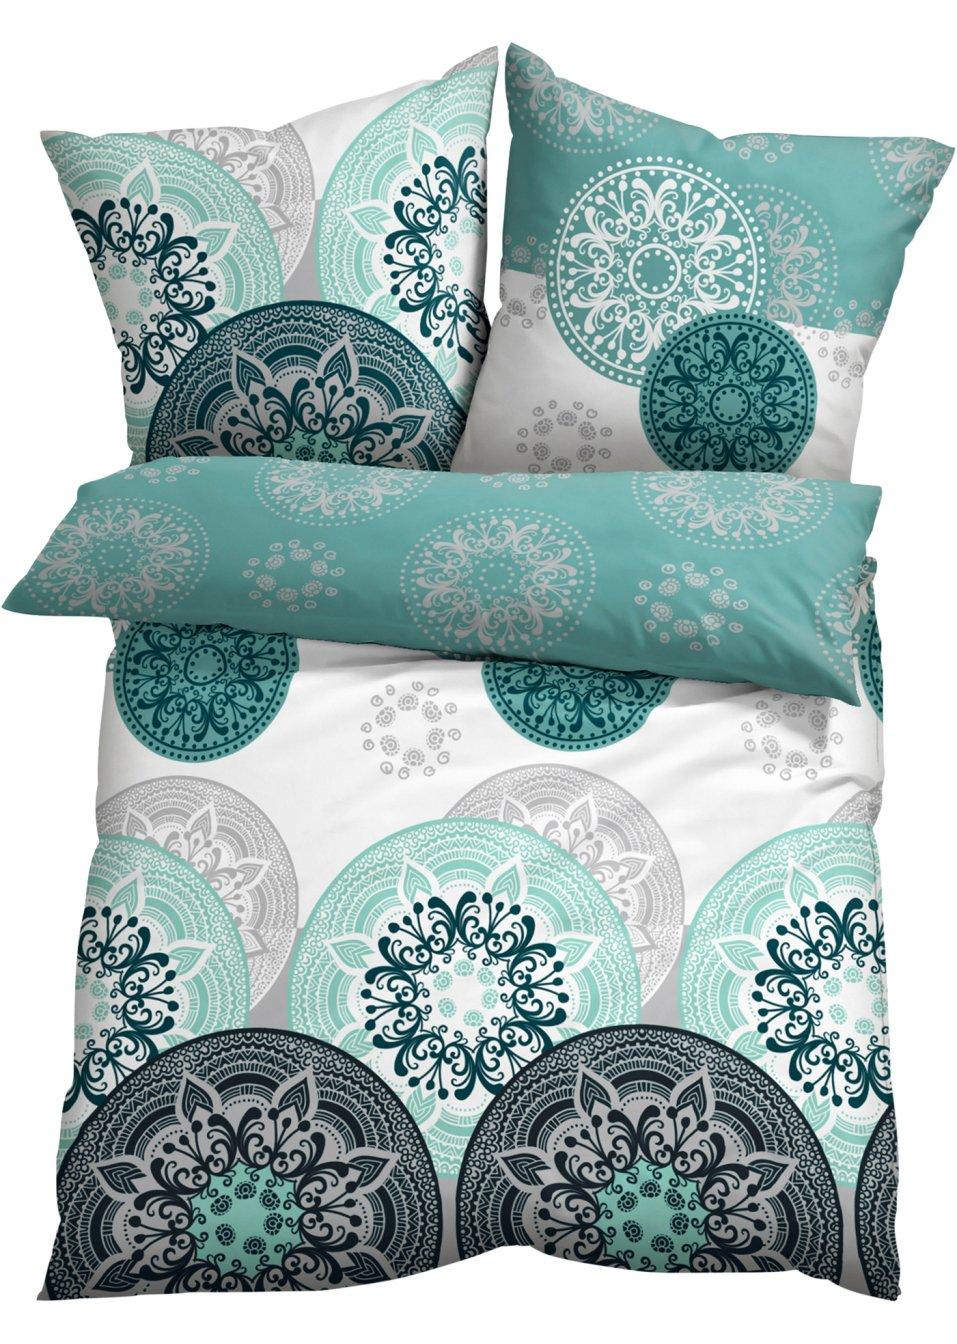 harmonische farben sch nes motiv die bettw sche mia petrol mint microfaser. Black Bedroom Furniture Sets. Home Design Ideas